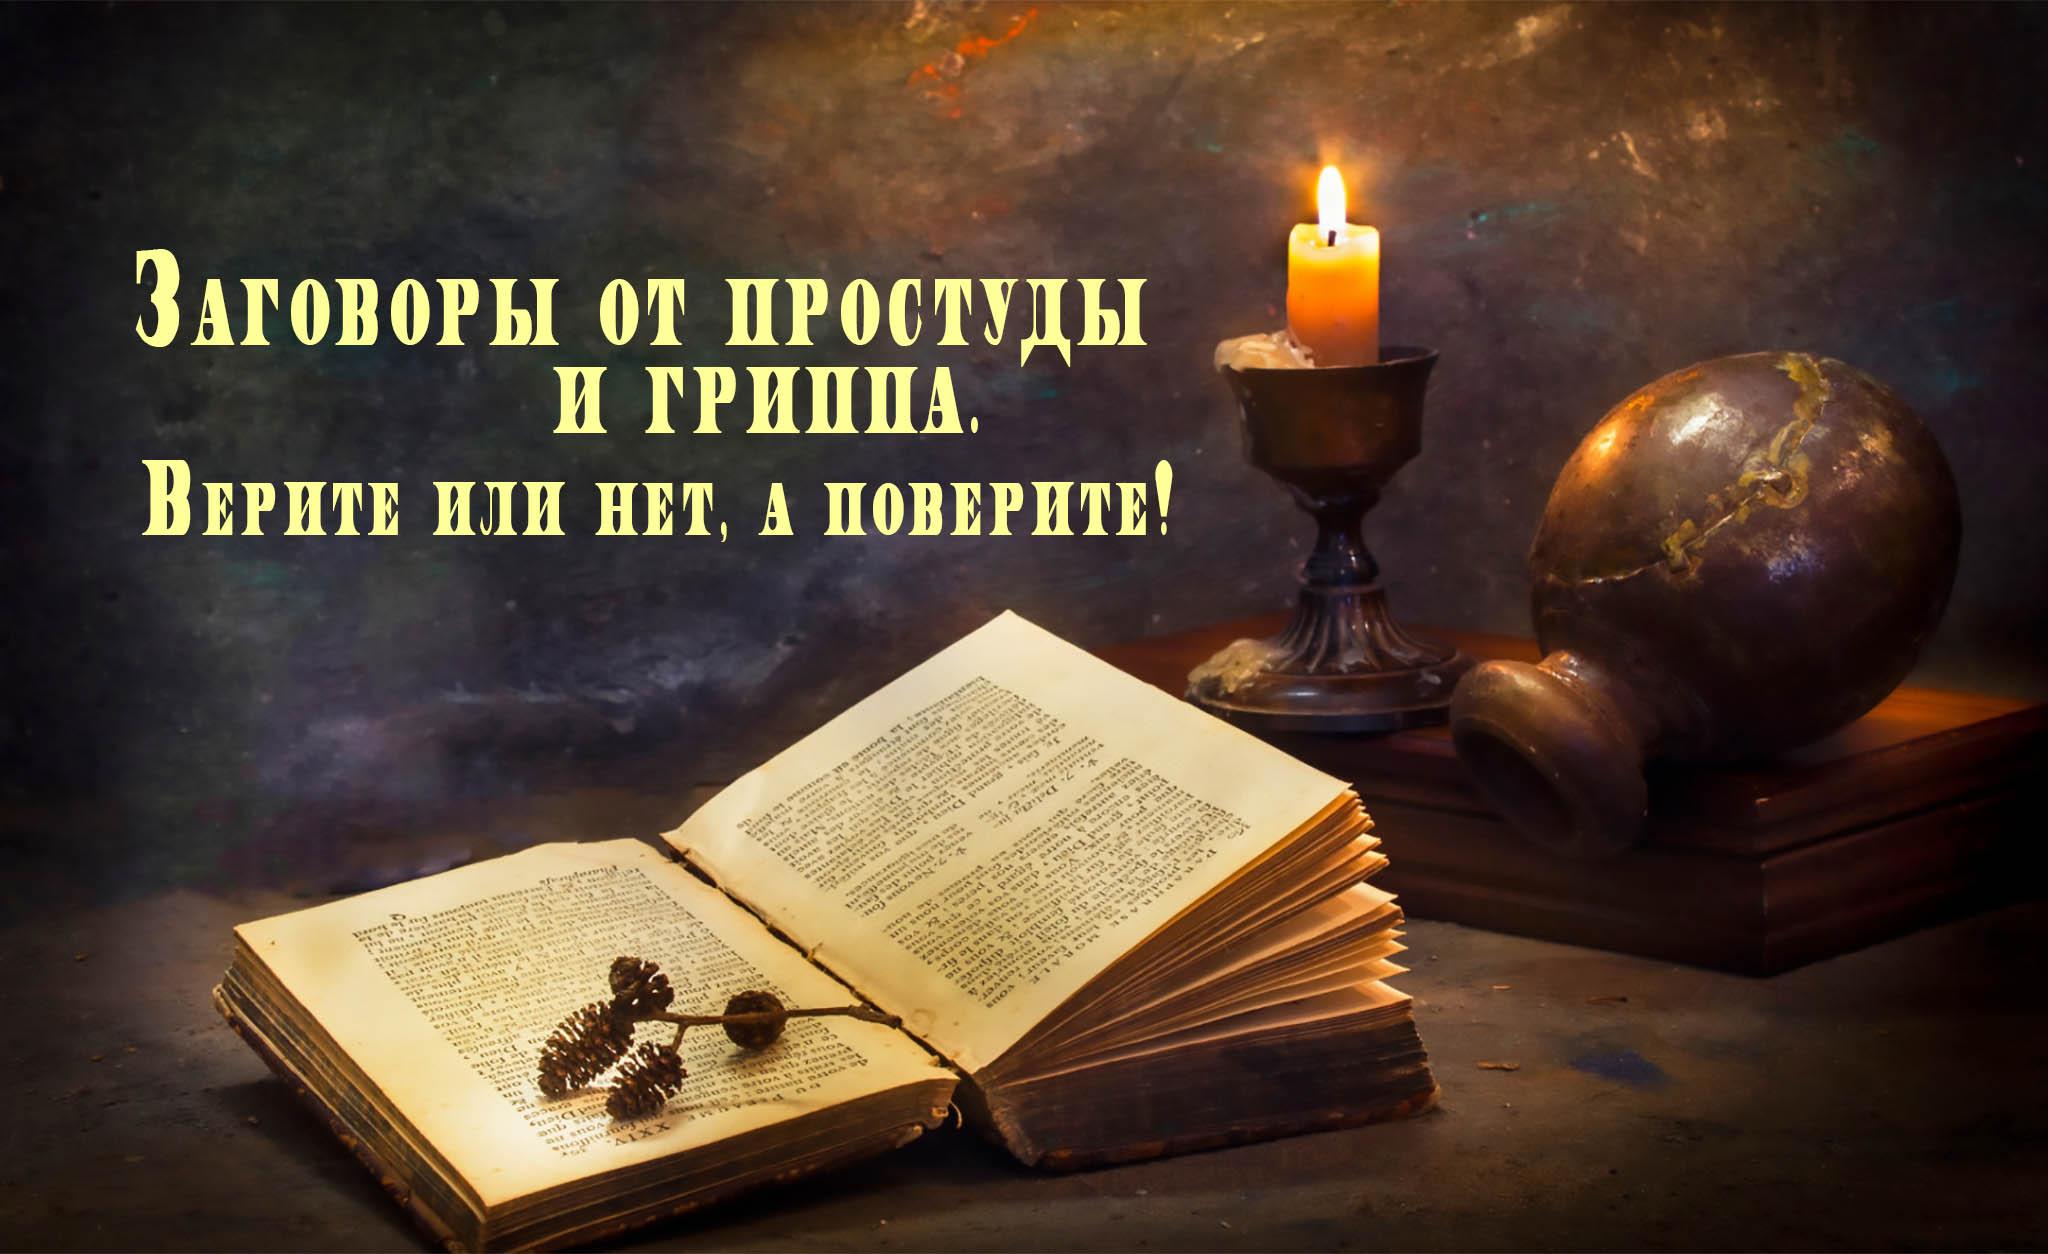 Славянская магия обучения